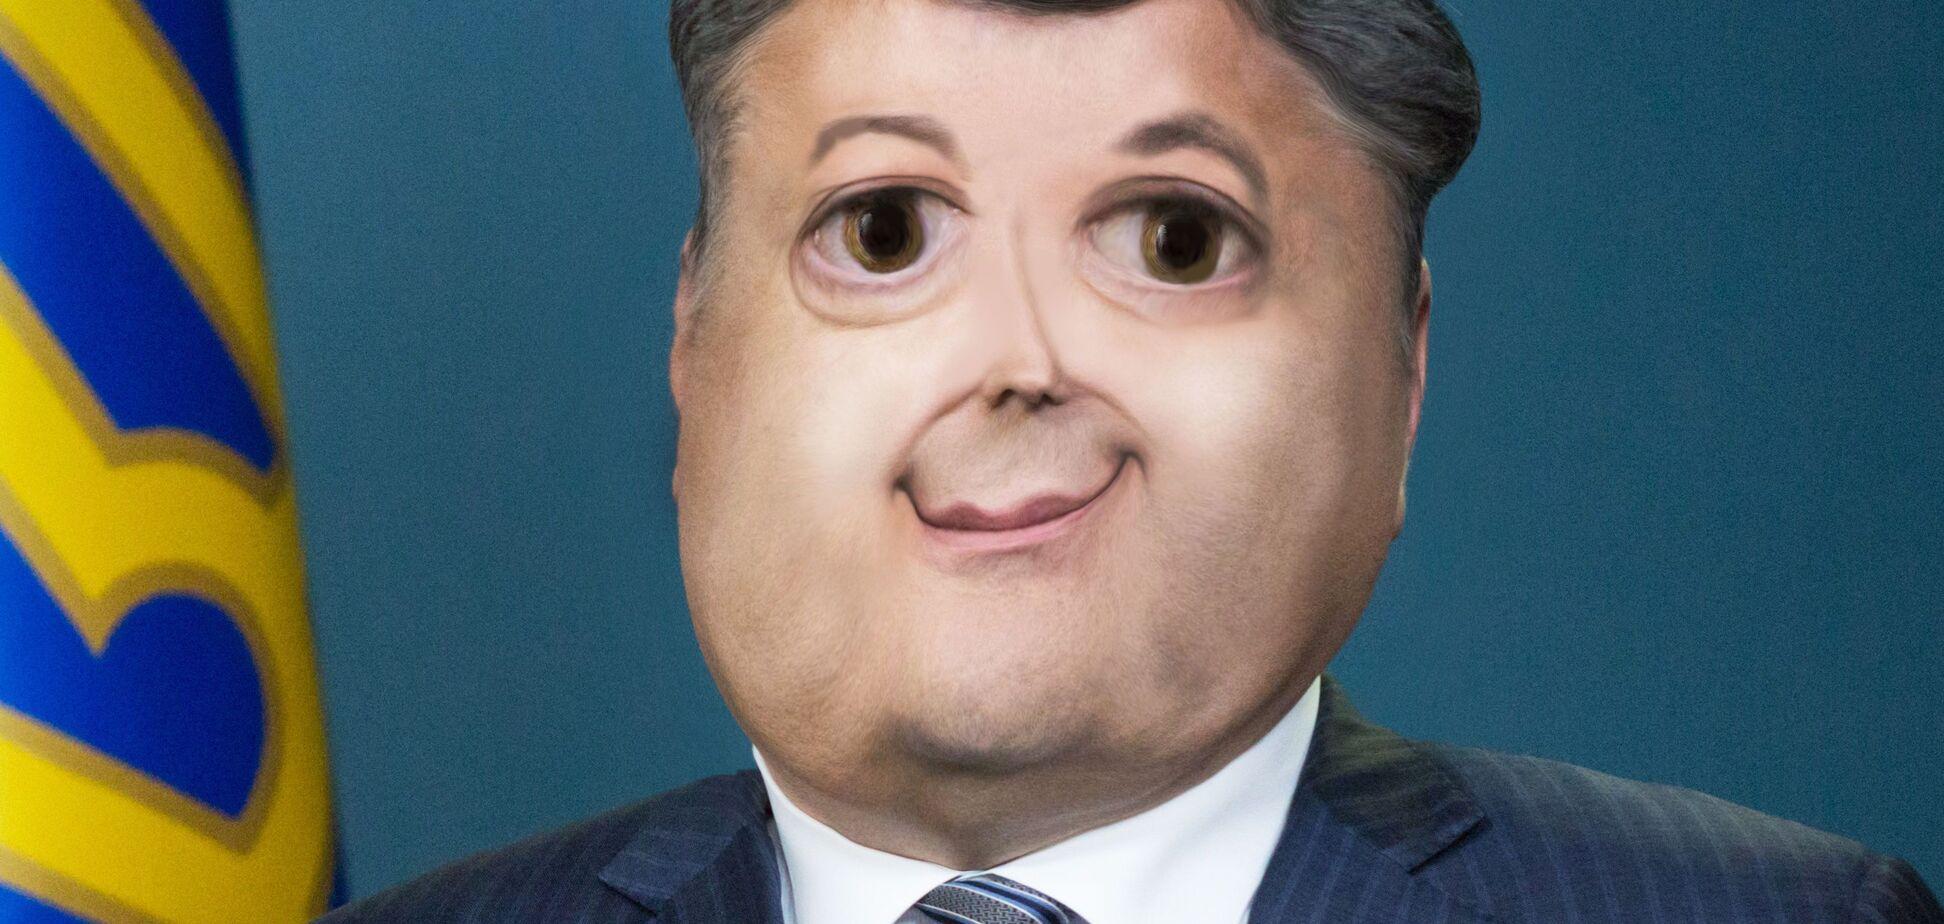 Намальовані Порошенко і Ко: в мережі показали 'фото' політиків очима дітей